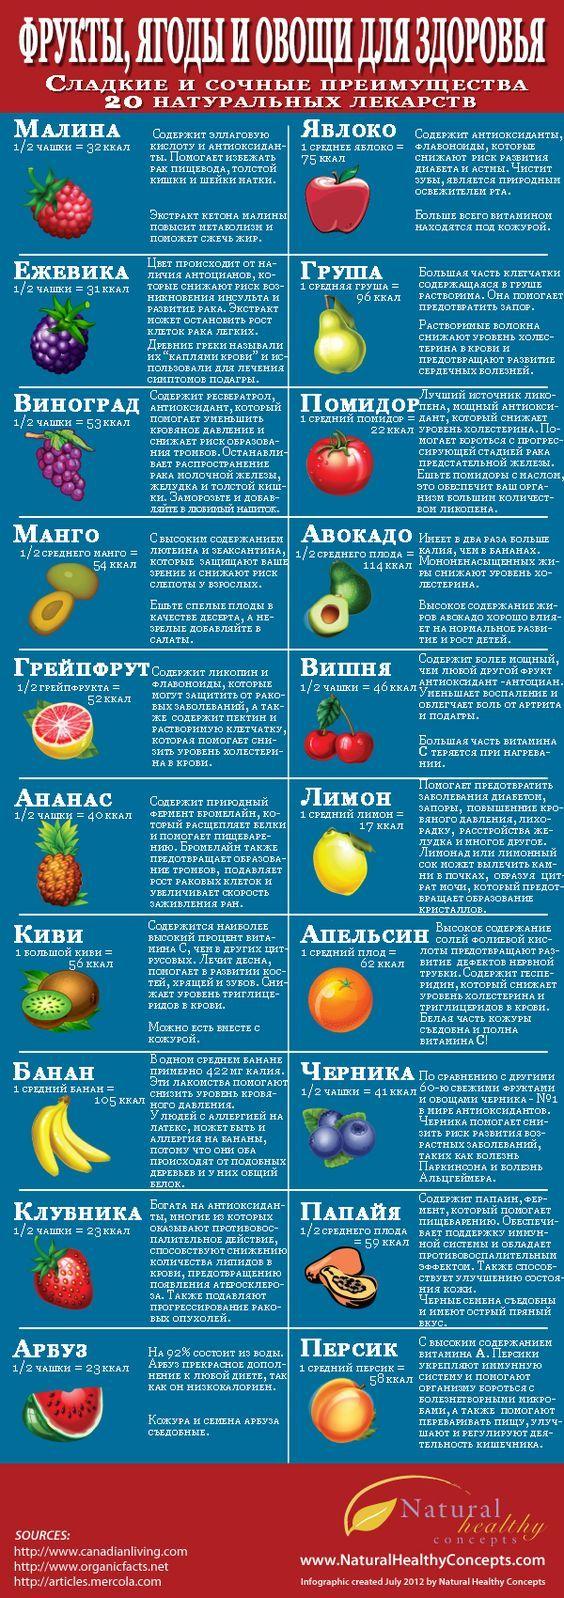 фрухты-ягодф-овощи: